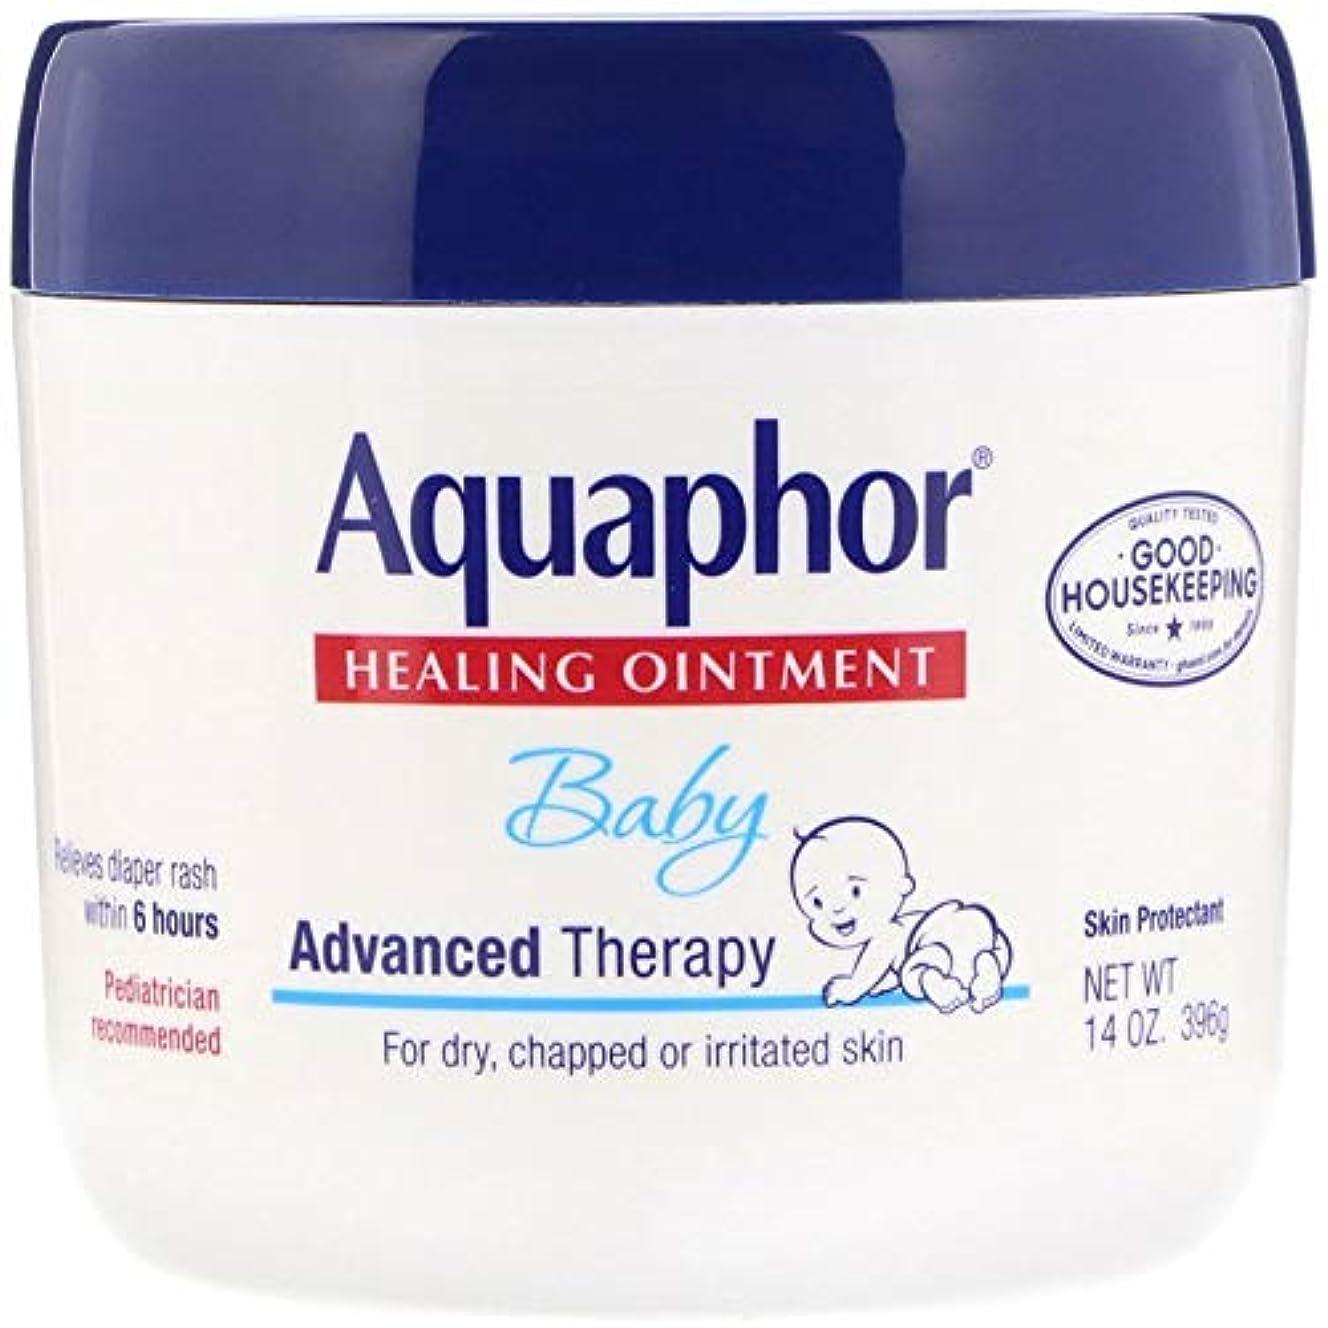 技術的な焼くスリチンモイAquaphor Baby Healing Ointment Advanced Therapy Skin Protectant 14オンス(396 g)X 3パック